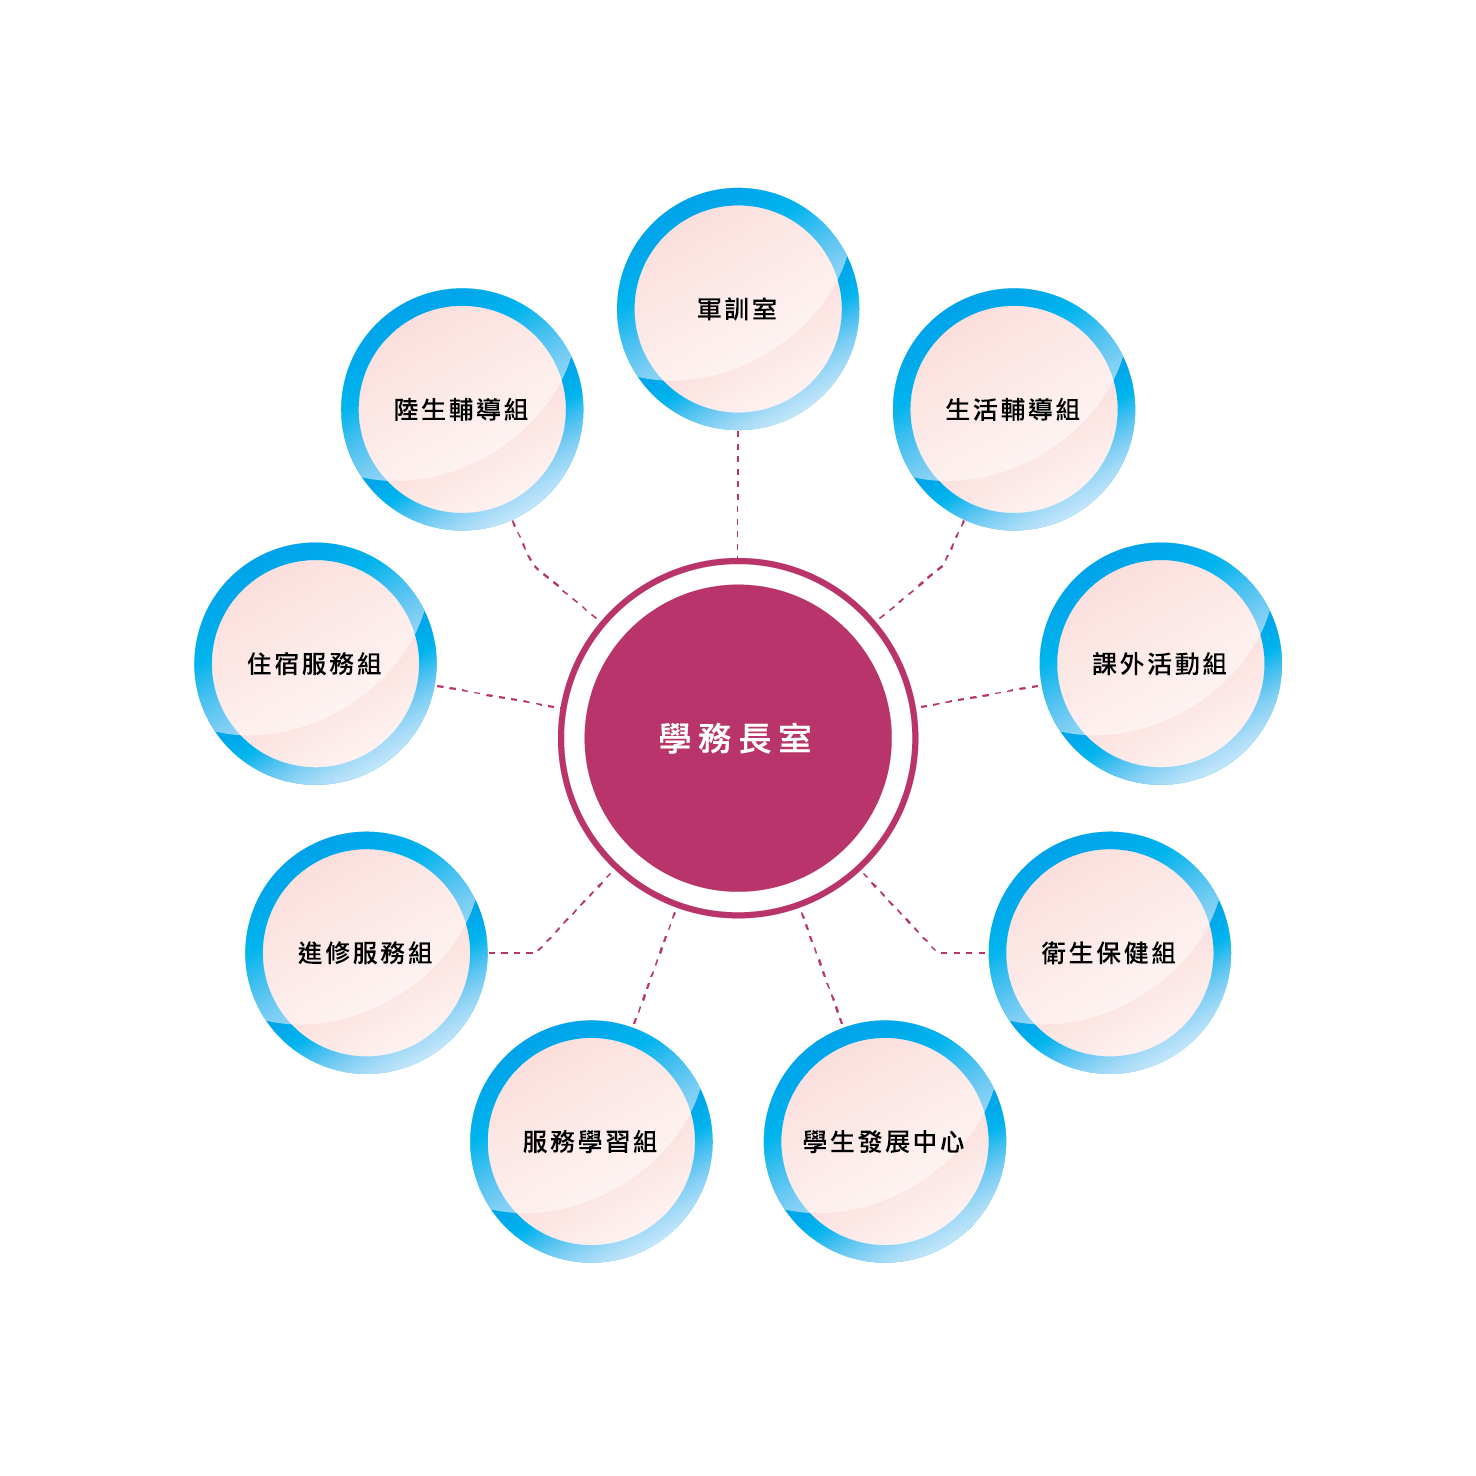 學務長室-組織架構